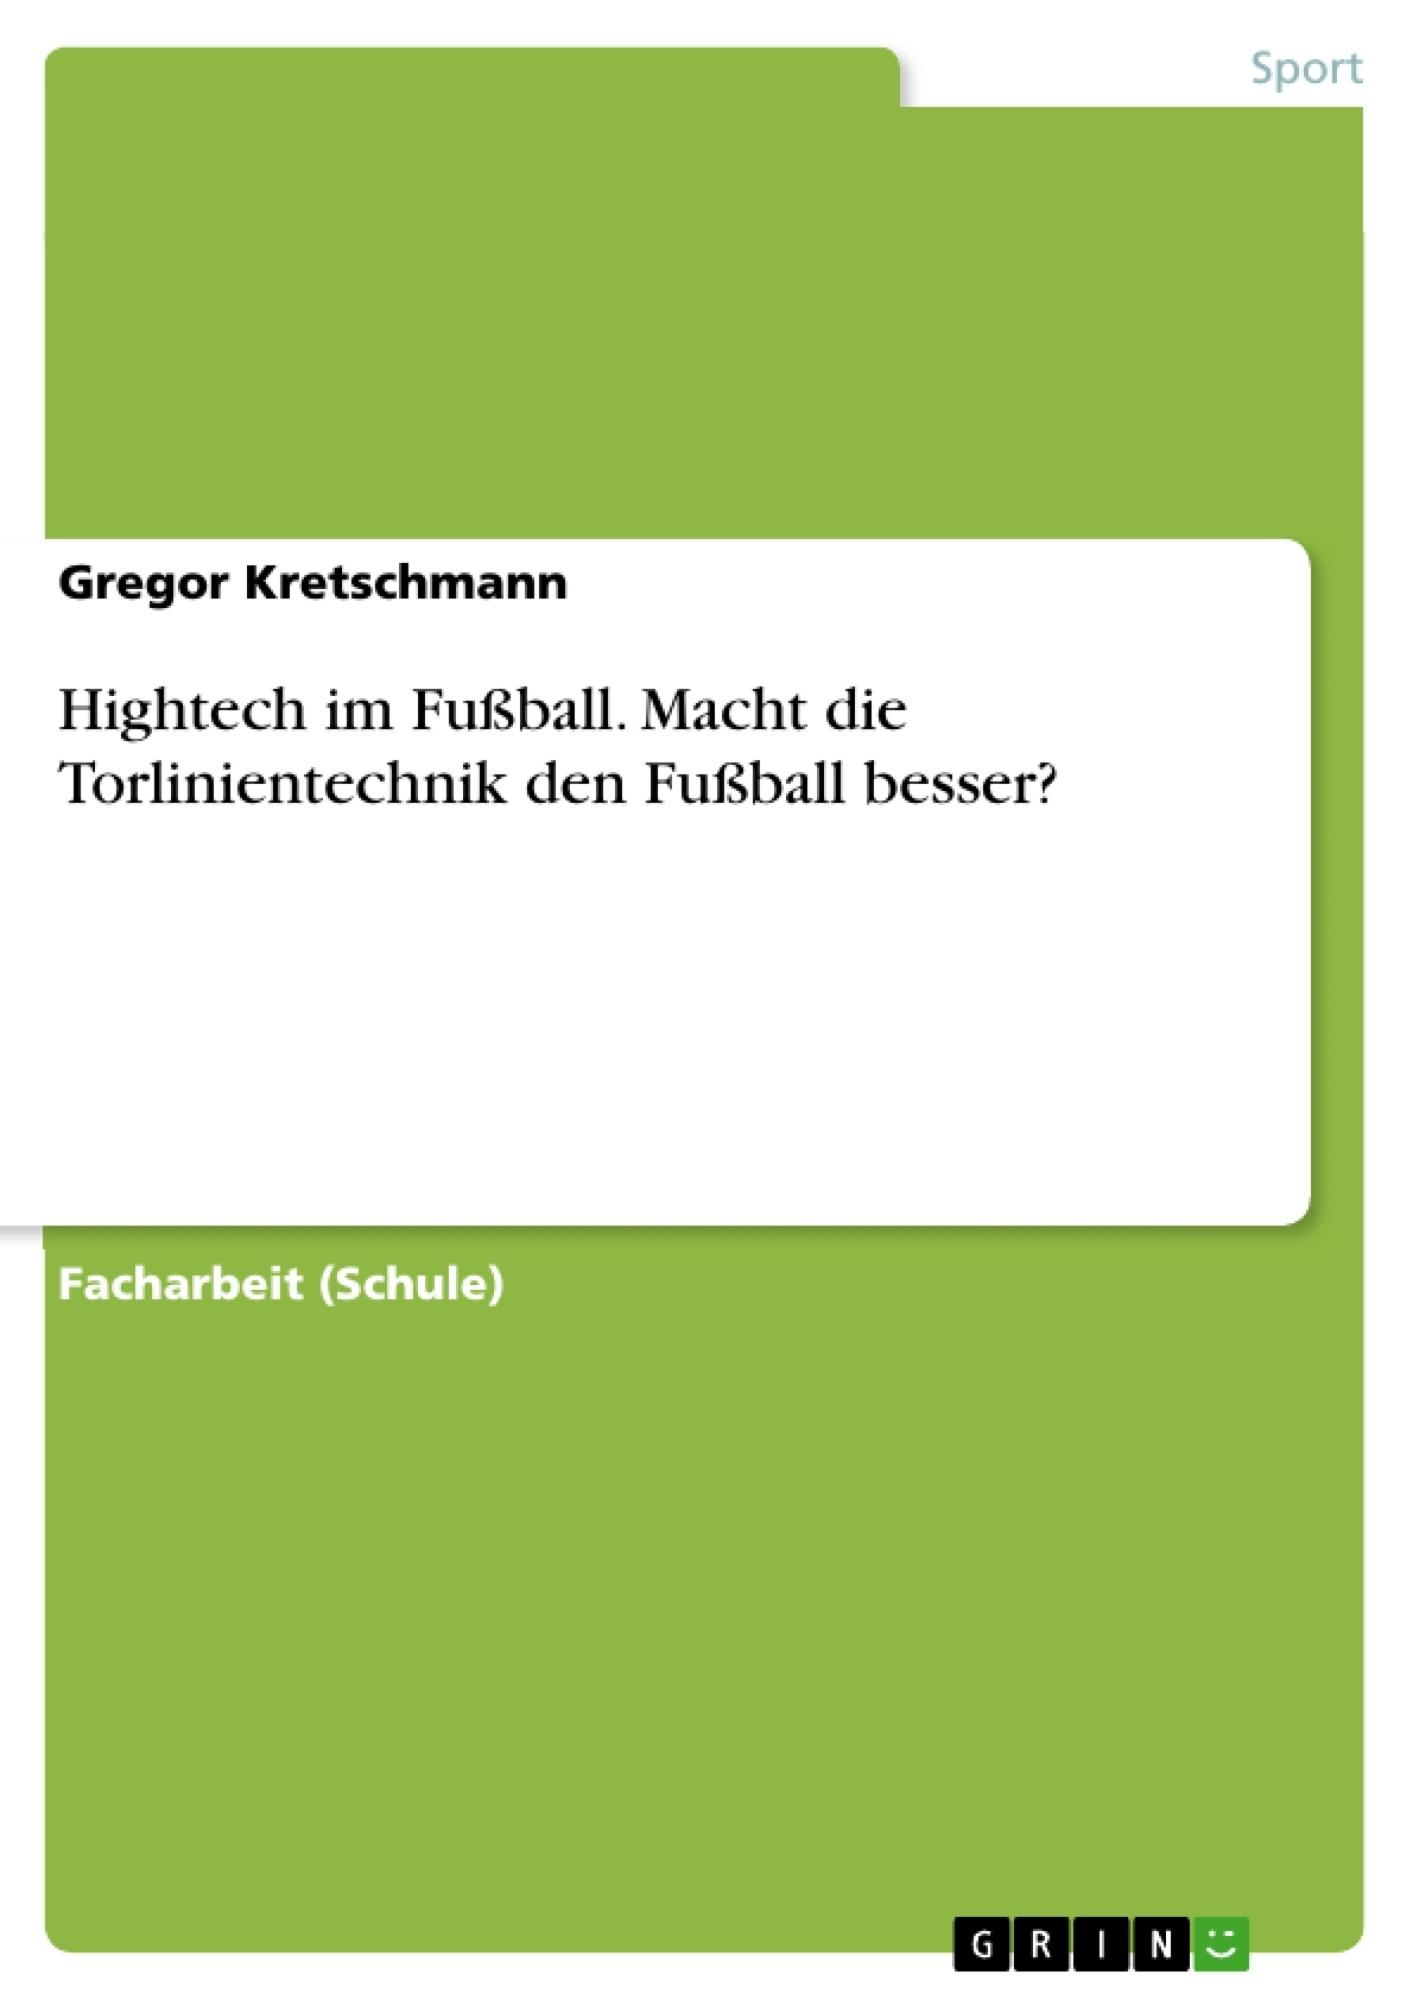 Titel: Hightech im Fußball. Macht die Torlinientechnik den Fußball besser?